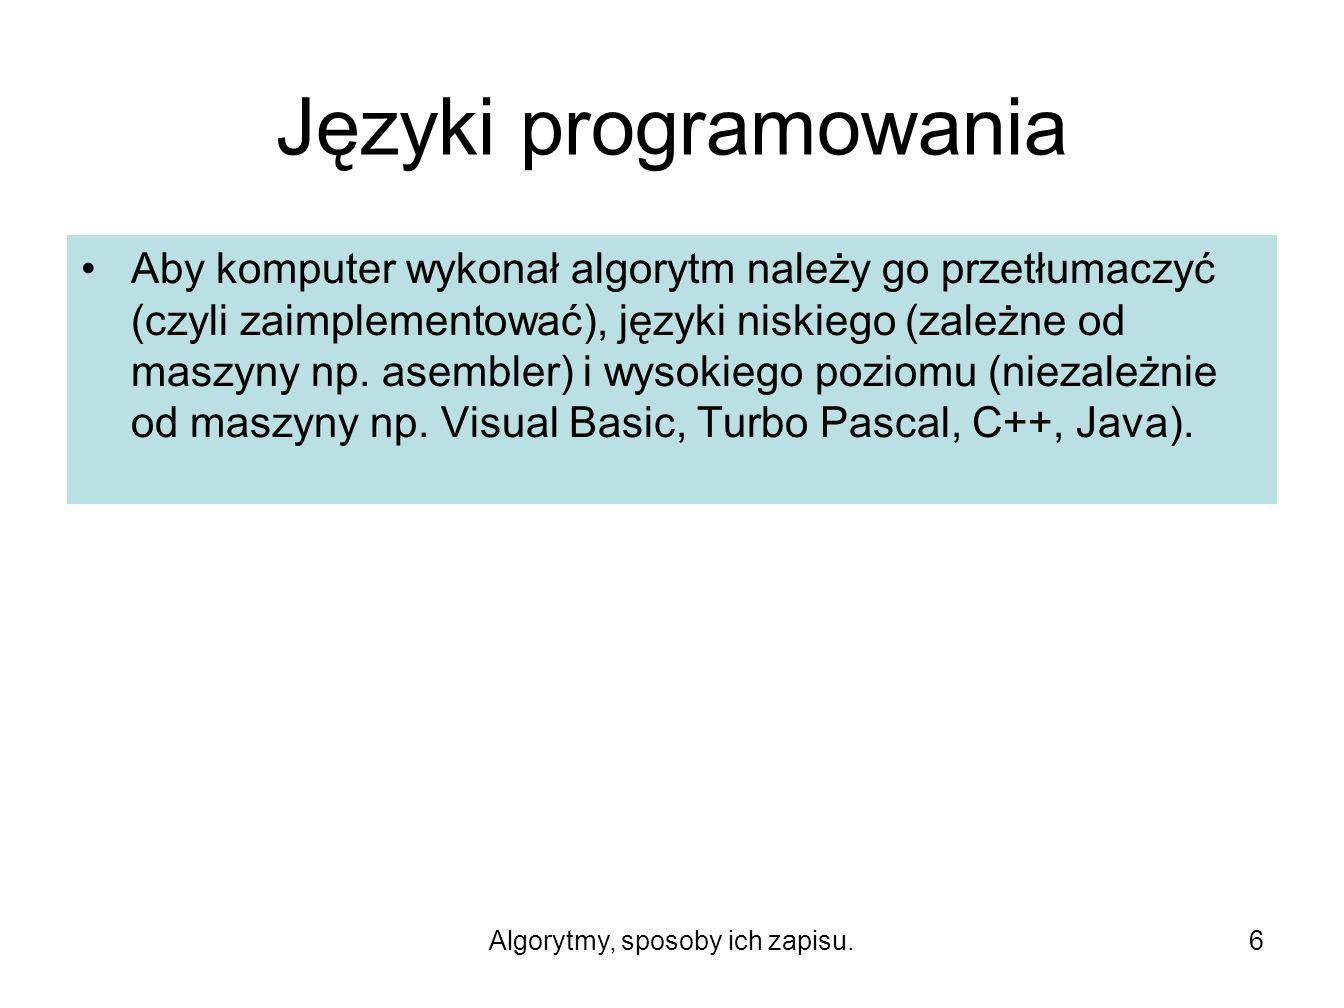 Algorytmy, sposoby ich zapisu.6 Języki programowania Aby komputer wykonał algorytm należy go przetłumaczyć (czyli zaimplementować), języki niskiego (zależne od maszyny np.